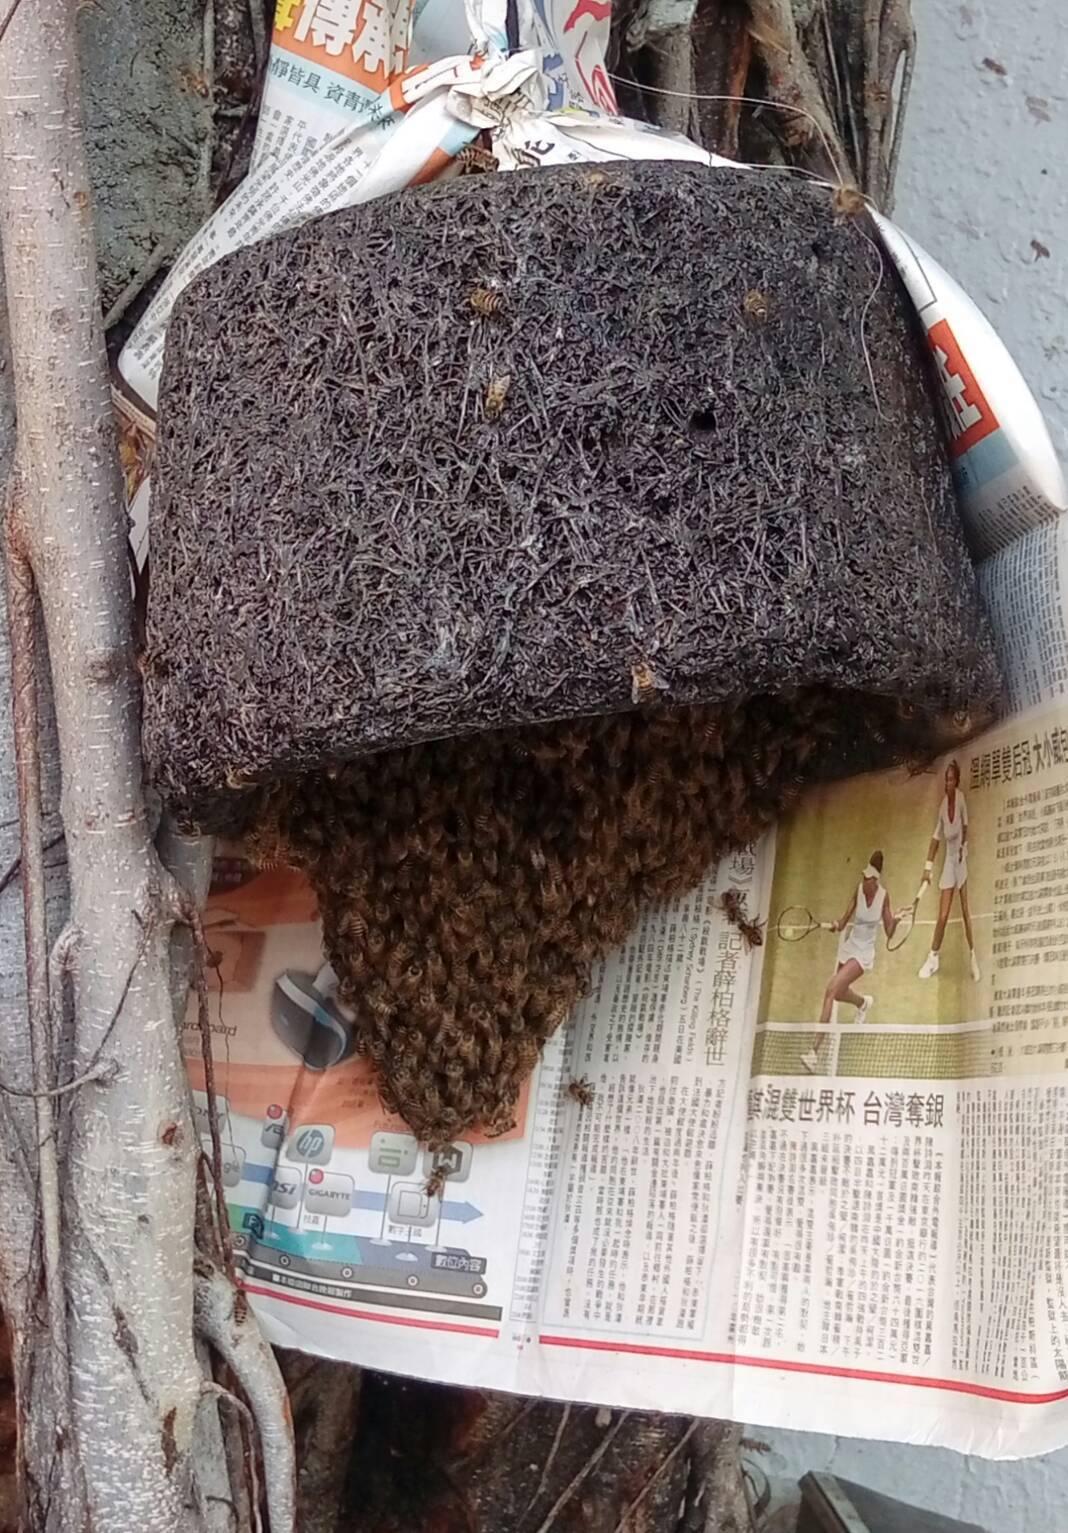 專業蜂農利用人工蜂巢,將躲在樹洞中的野蜂煙燻引入蜂巢。記者黃宣翰/翻攝